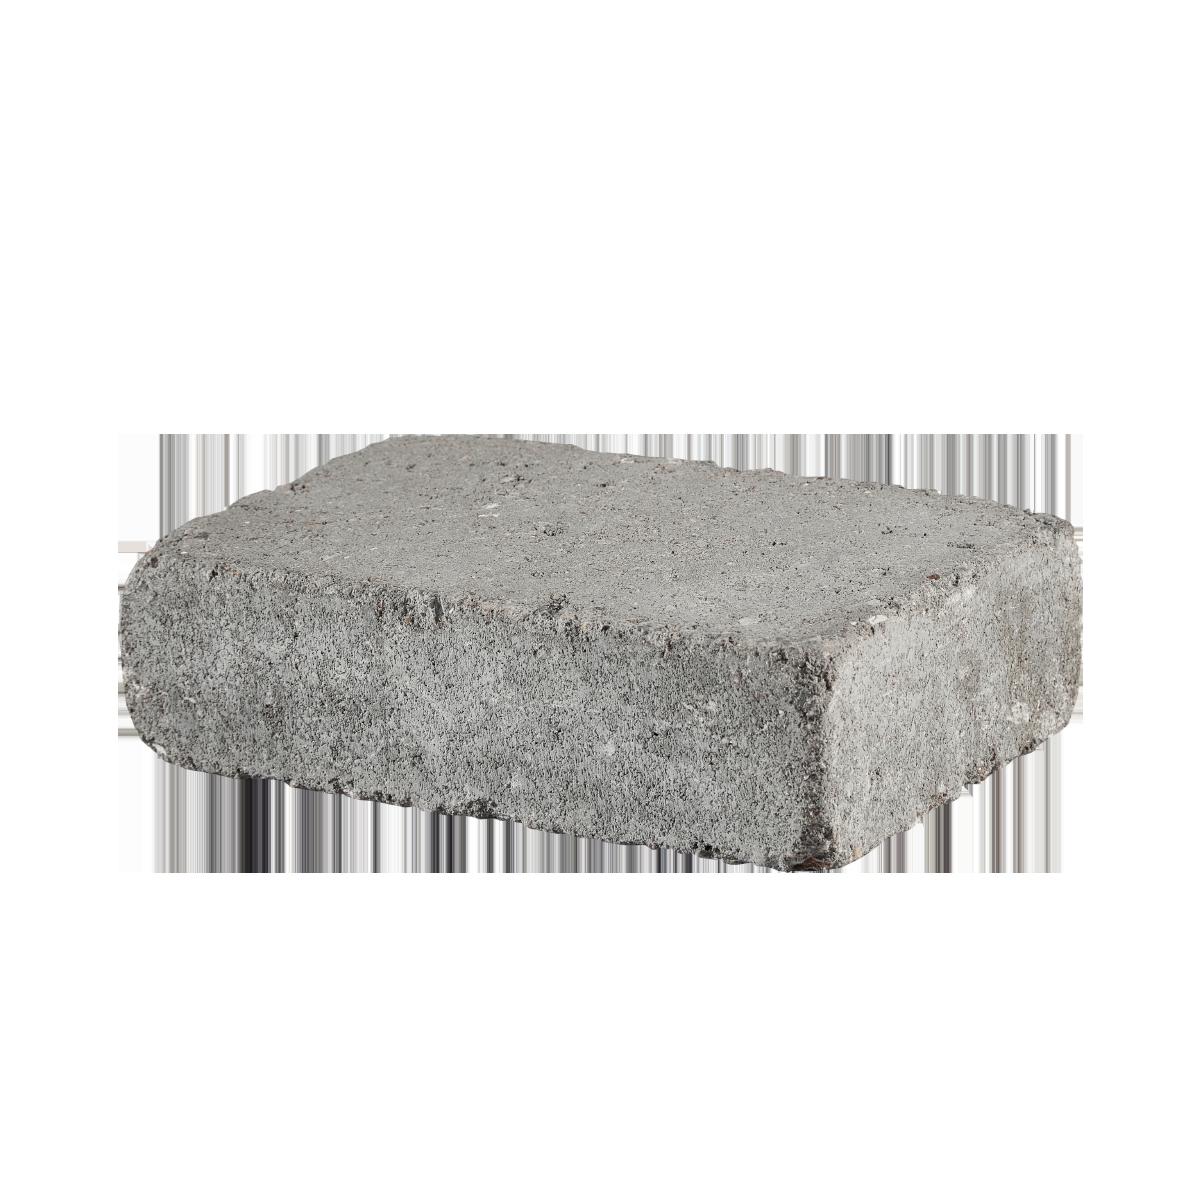 Holmegaardsten® 14x21x5 cm Gråmix Normalsten